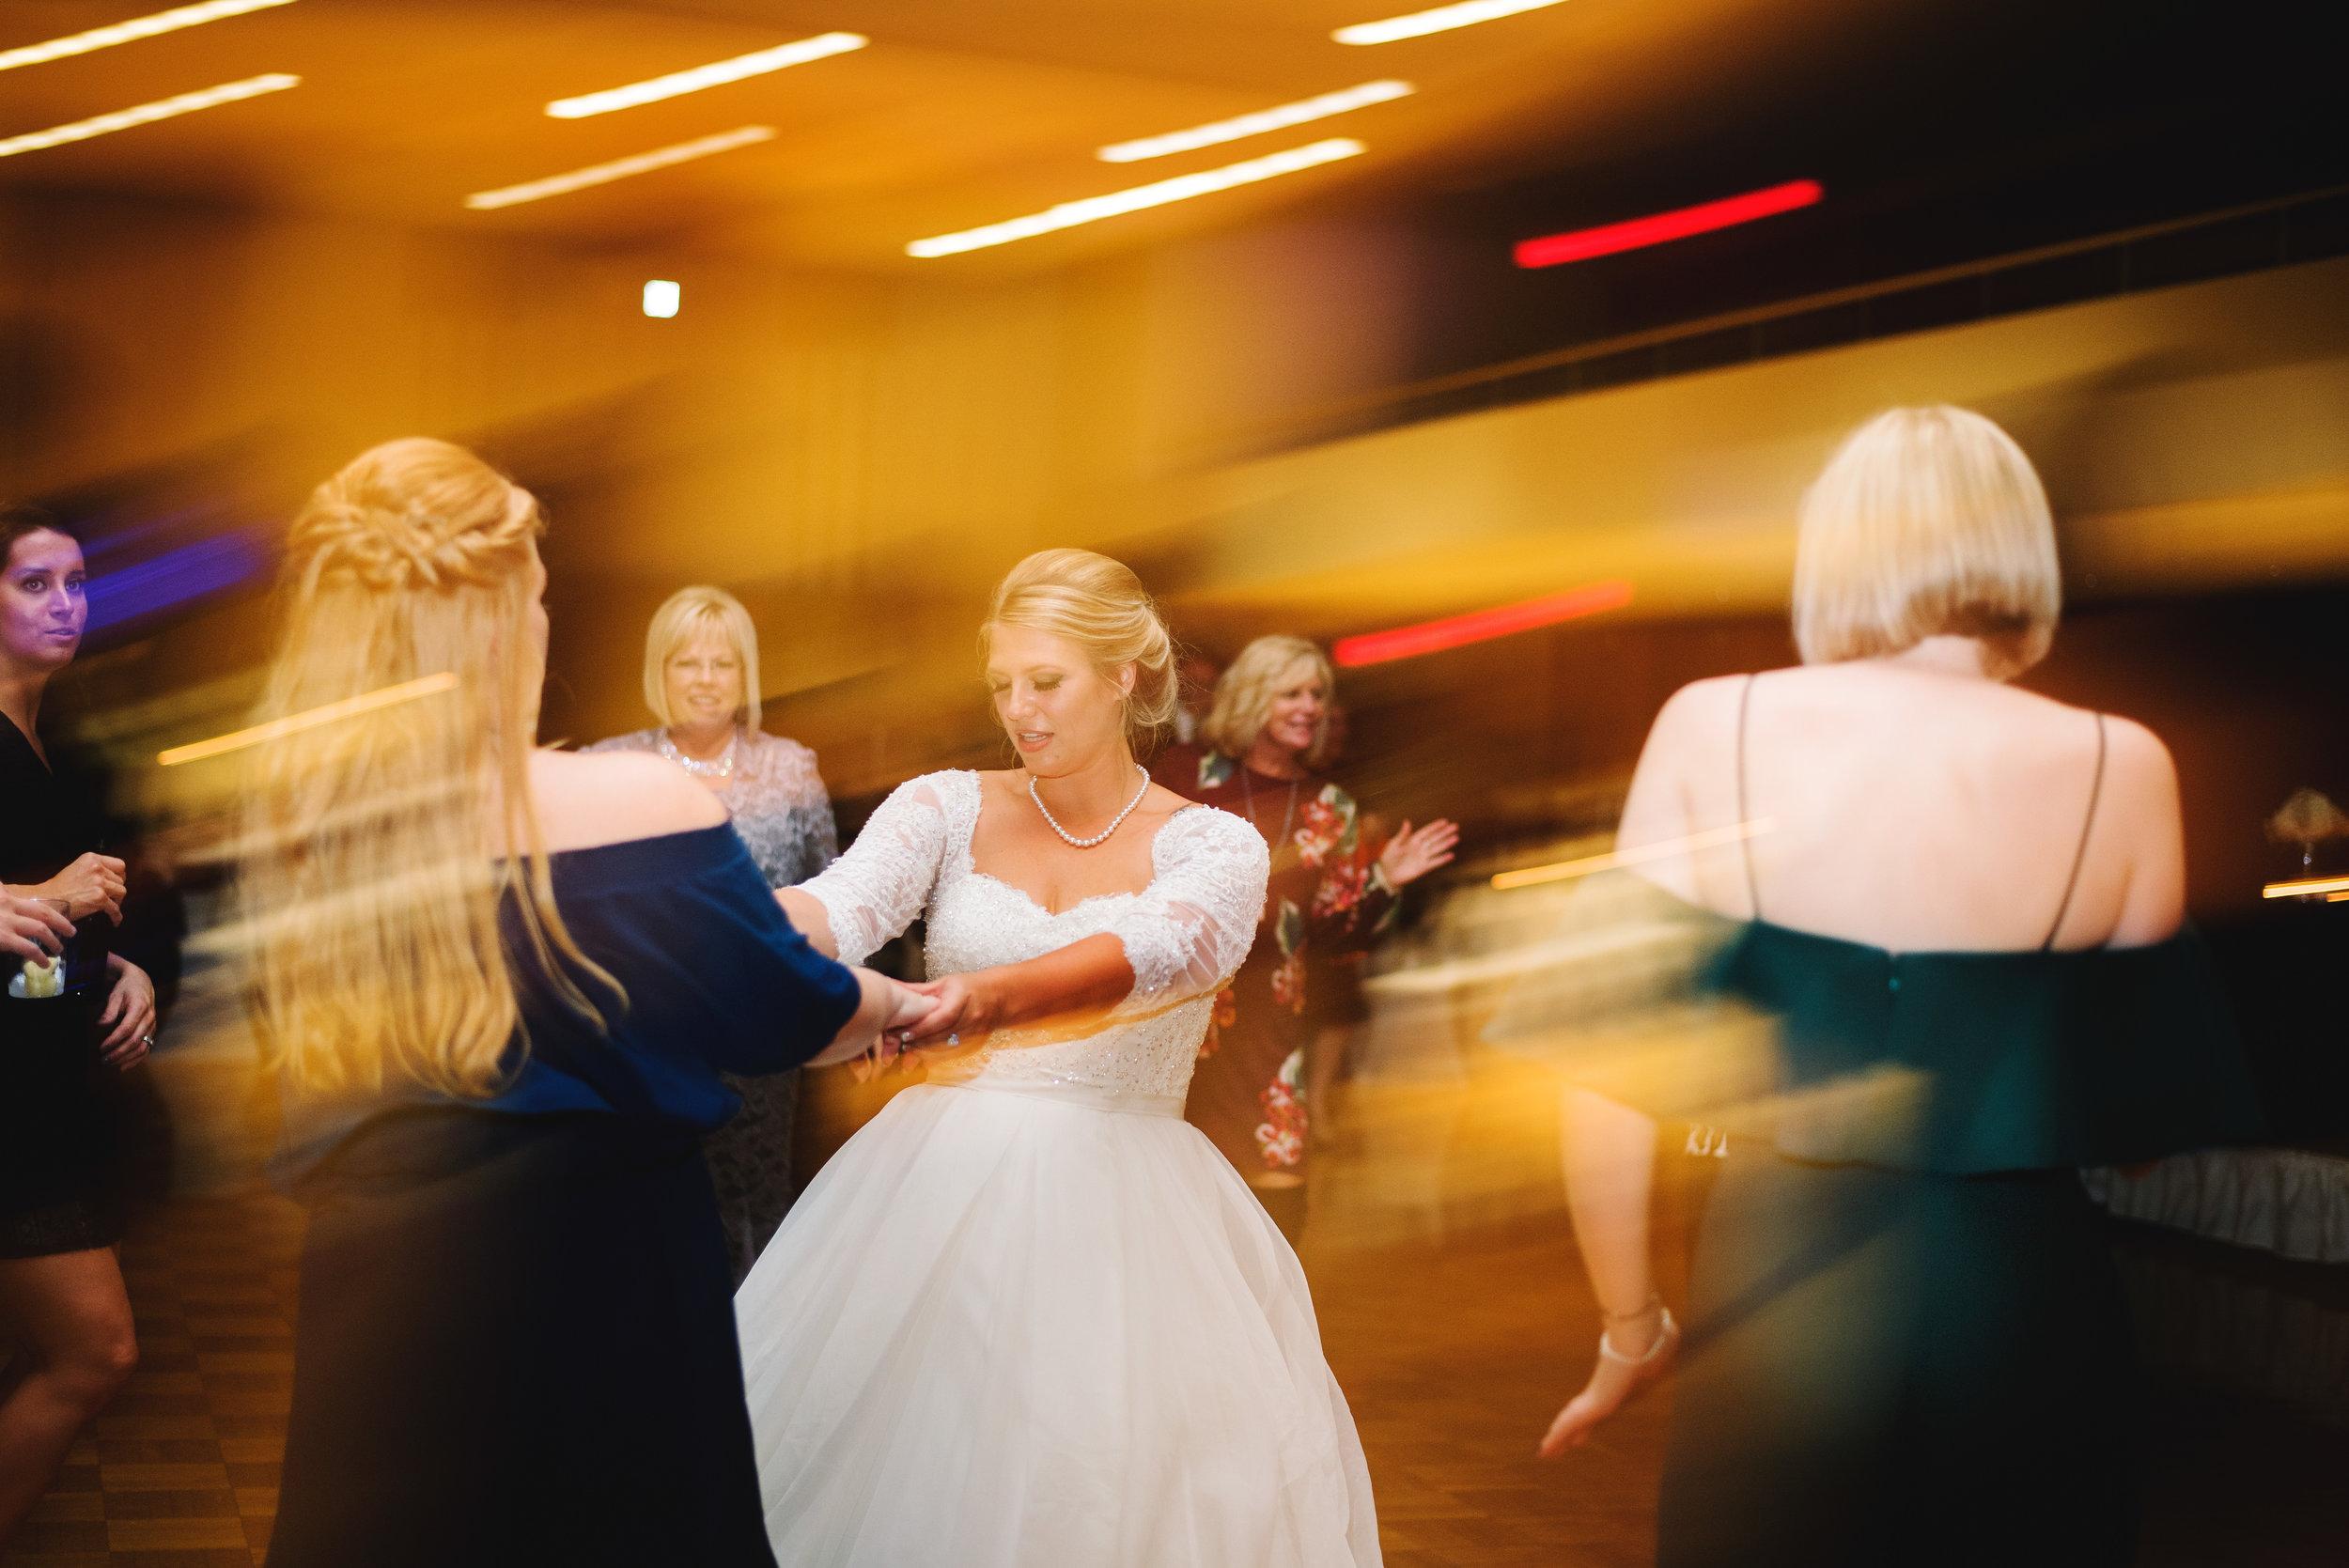 King-Northern-Illinois-University-Wedding160.jpg